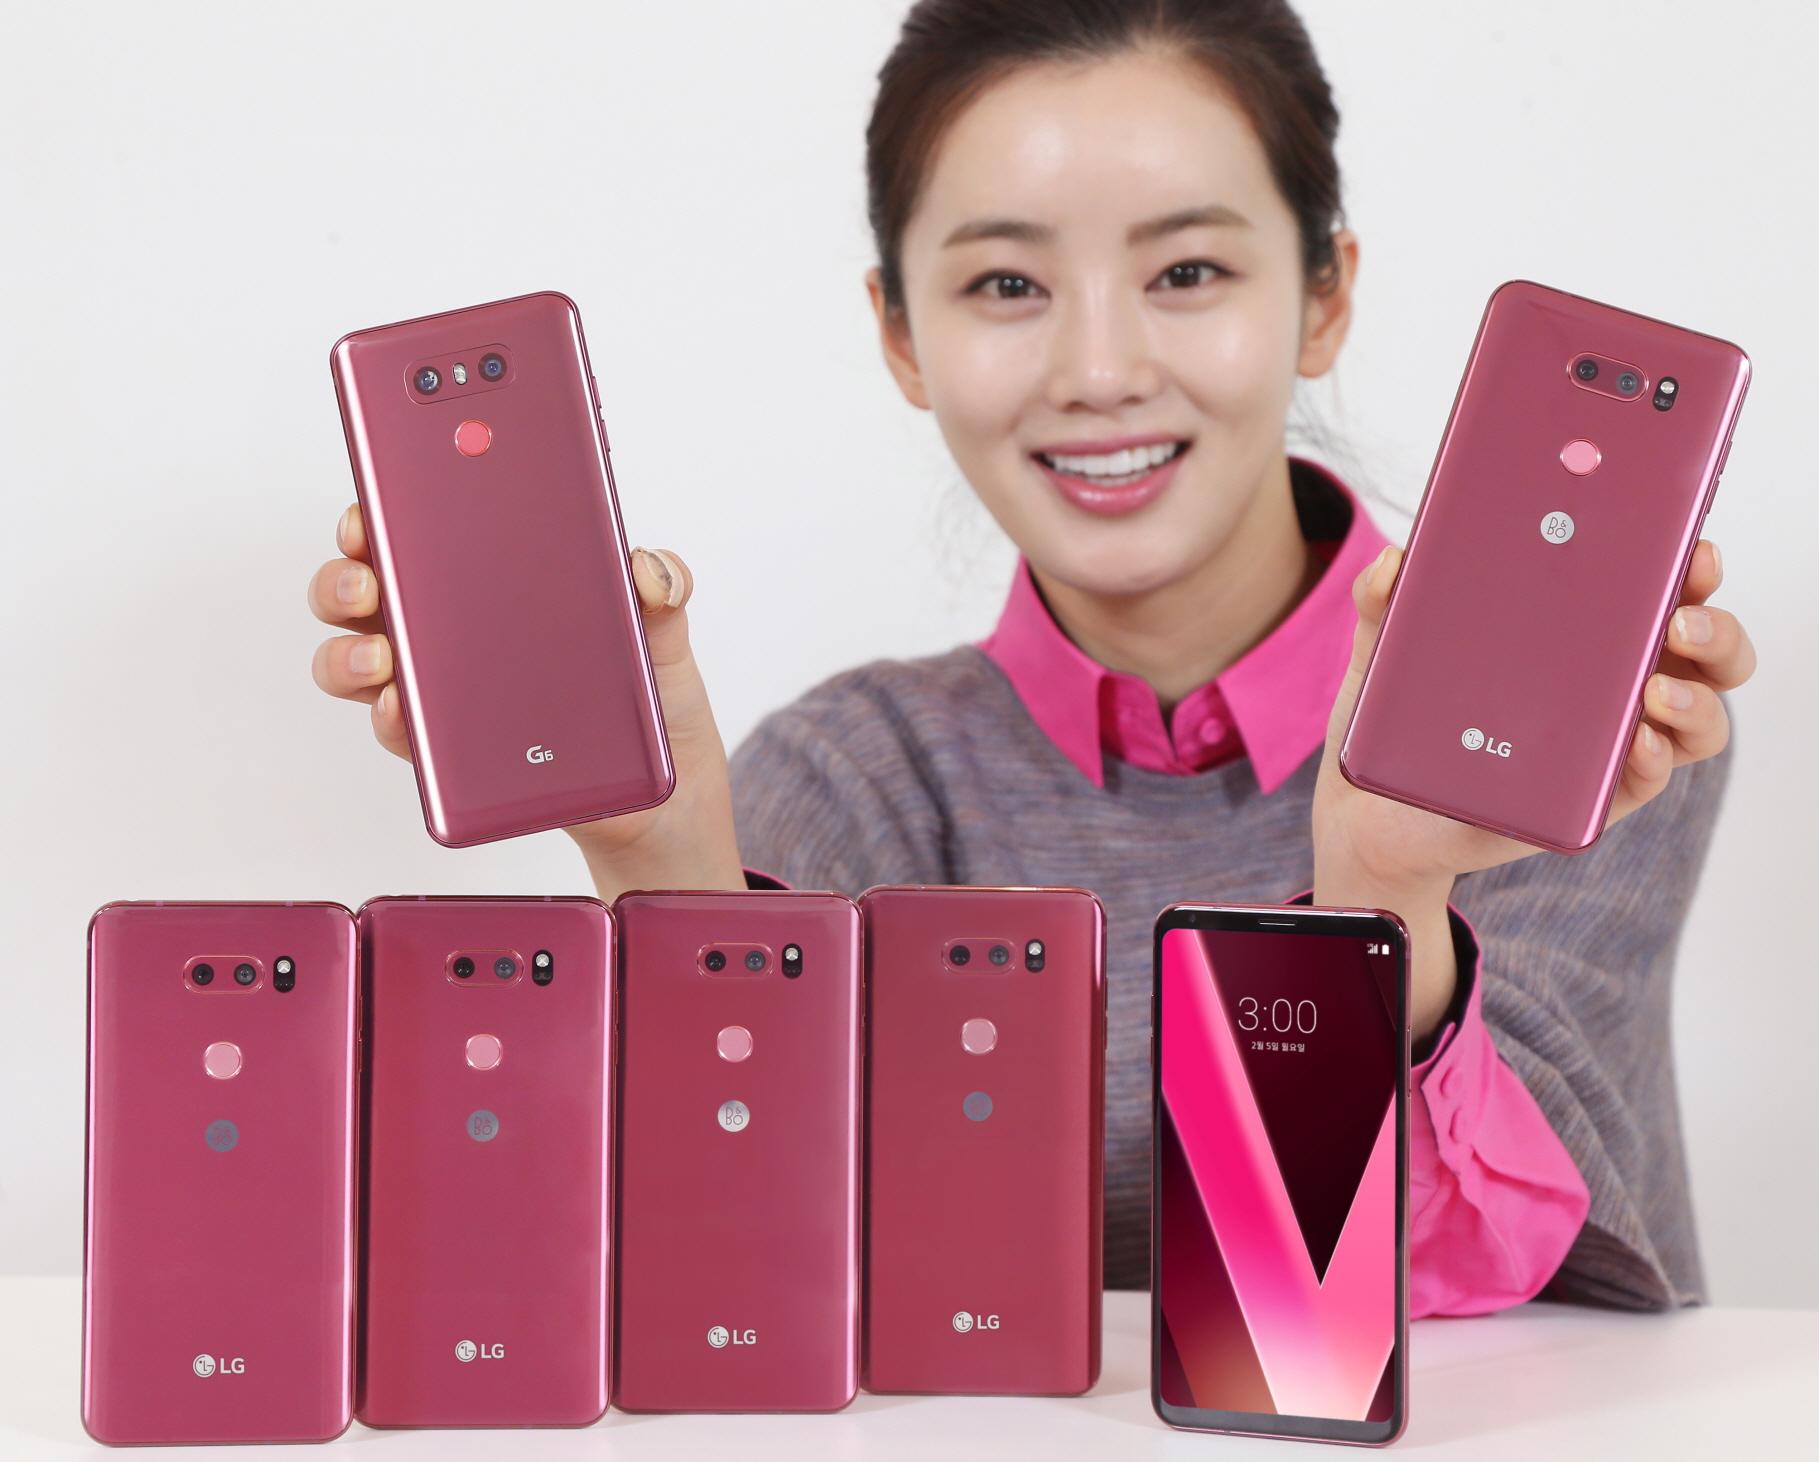 LG전자가 최근 새로운 스마트폰 색상으로 선보인 '라즈베리 로즈'